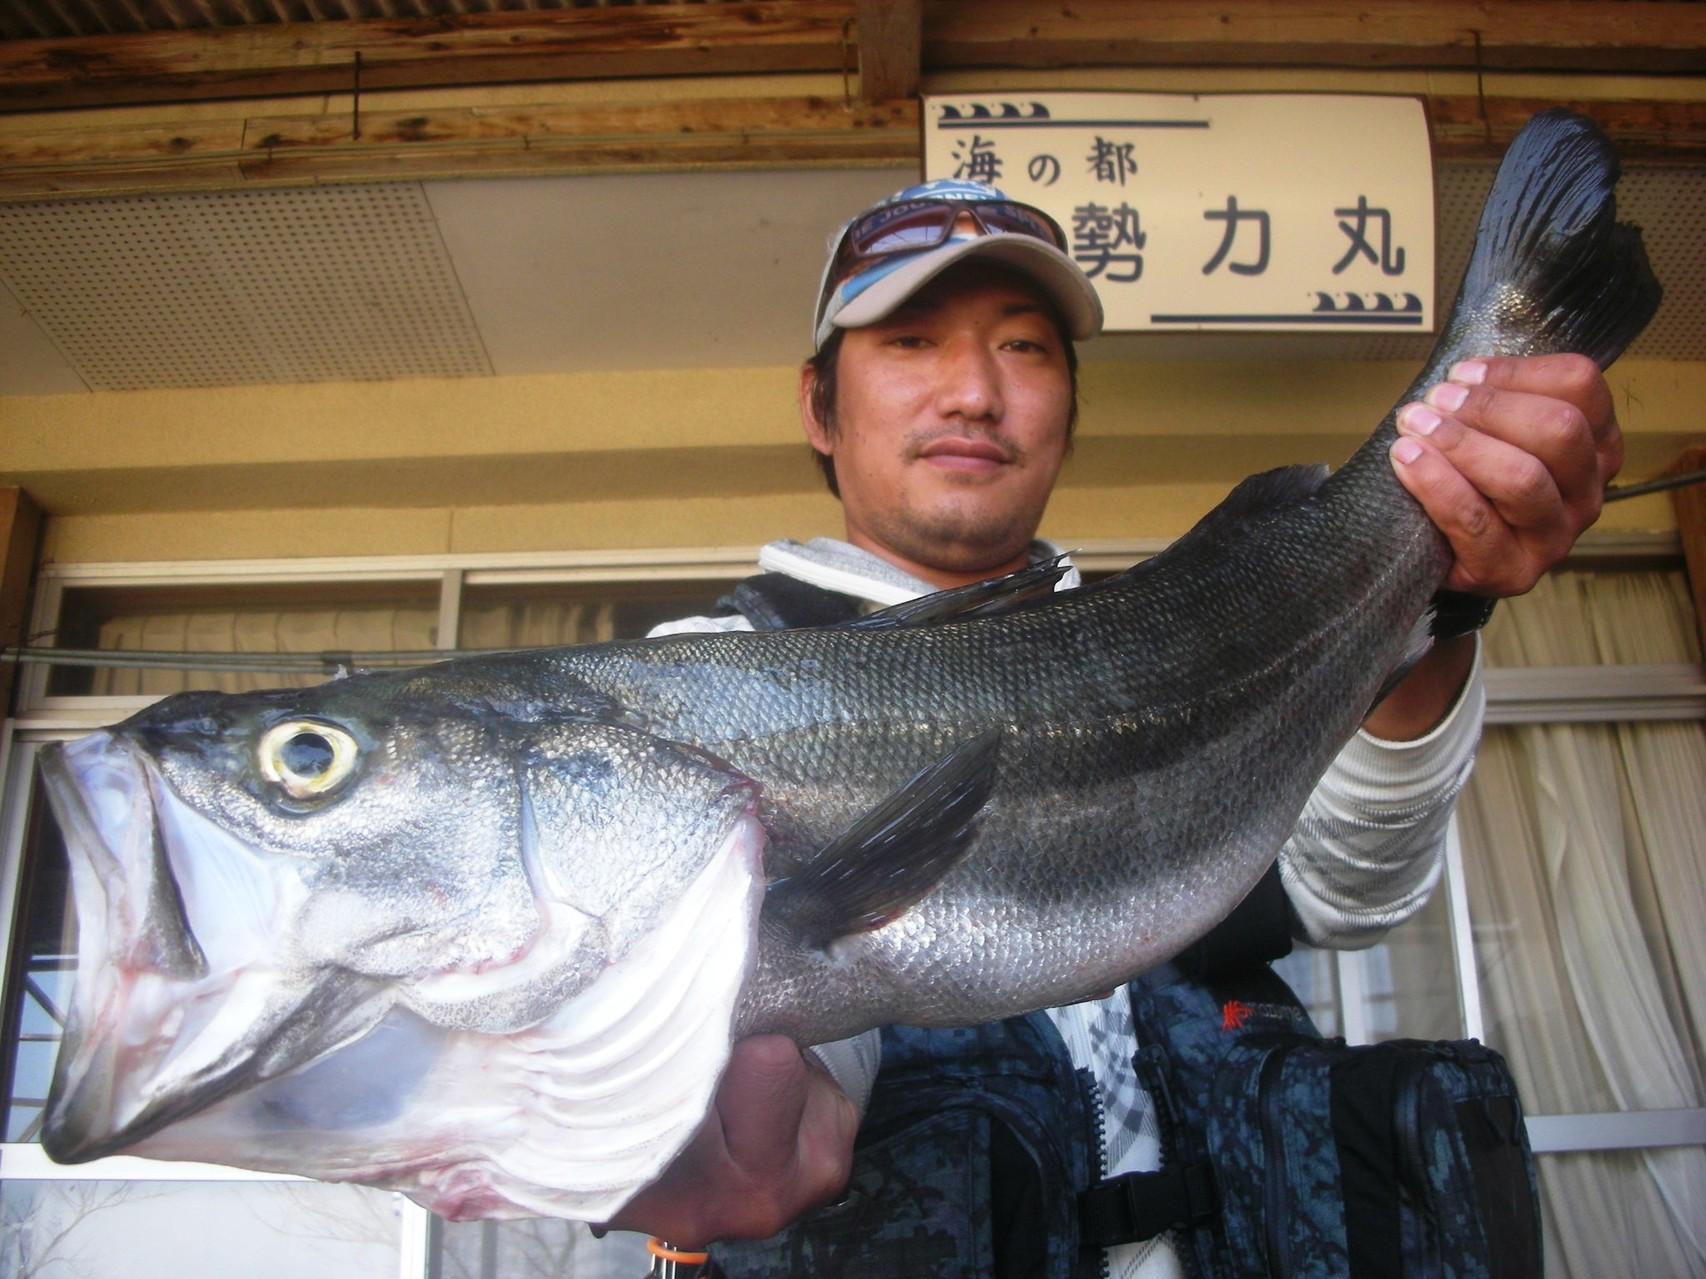 10月14日 ルアー釣りで古庄さん スズキ71.5㎝